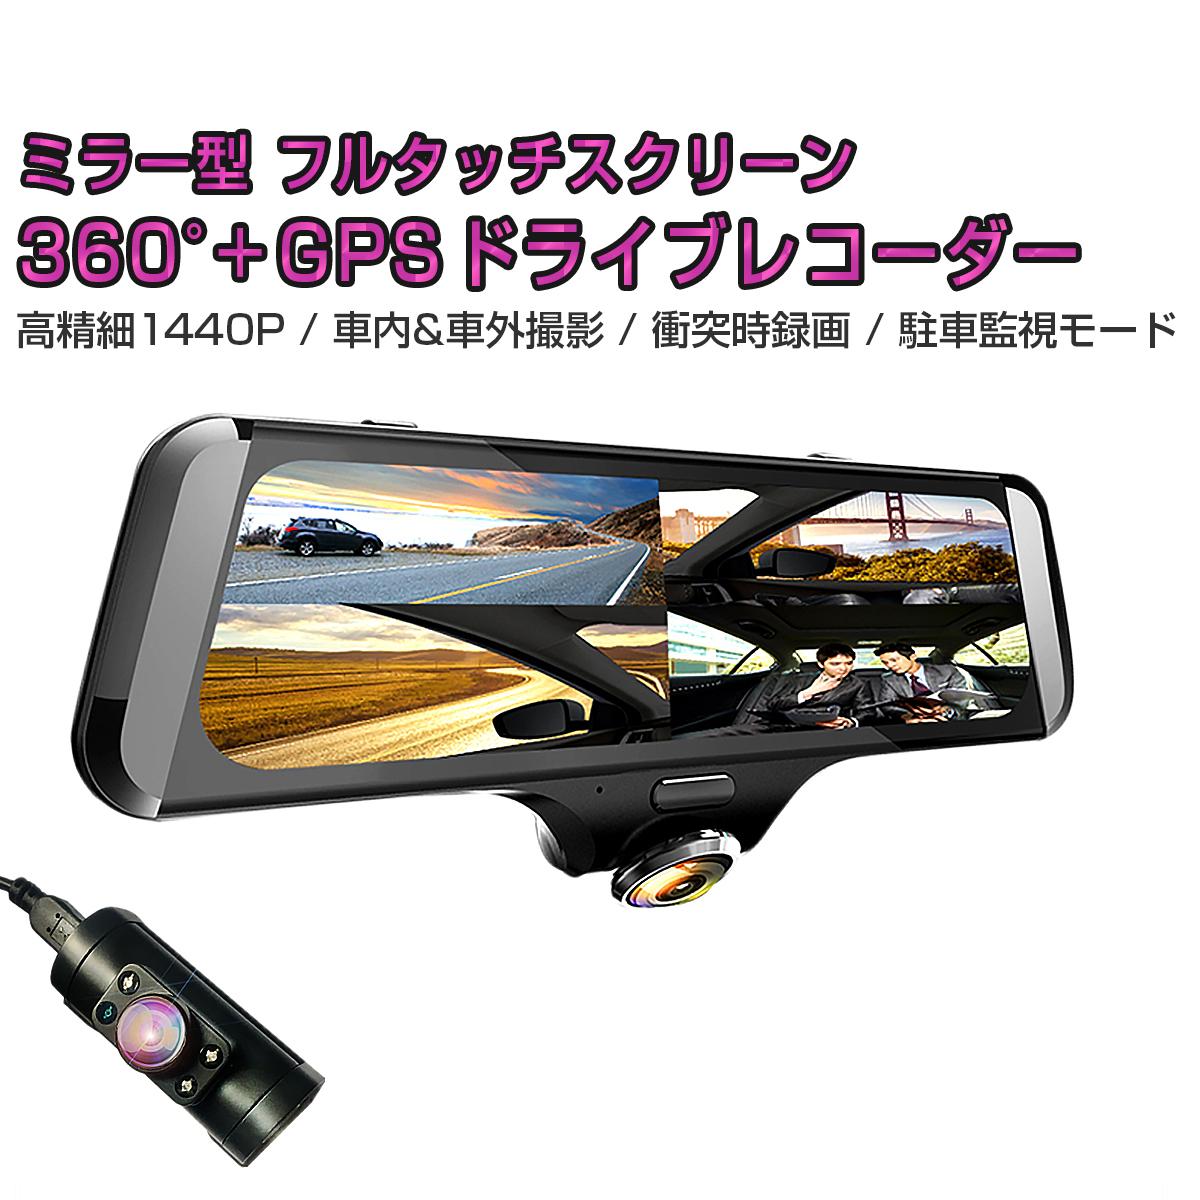 360°撮影は車内も車外も撮影可能 フロントカメラは360度のフルビュー録画 リアカメラは140度でより死角のない映像を記録します MITSUBISHI ディアマンテ ワゴン 2020年モデル 360度ドライブレコーダー 正規激安 前後カメラ ミラー型 GPS搭載 人気 SDカード64GB同梱モデル あおり運転対策 10インチ 広角 車内 タッチパネル 常時録画 2K 140度 車外 バックカメラ 衝撃録画 高精細1440P 3ヶ月保証 400万画素